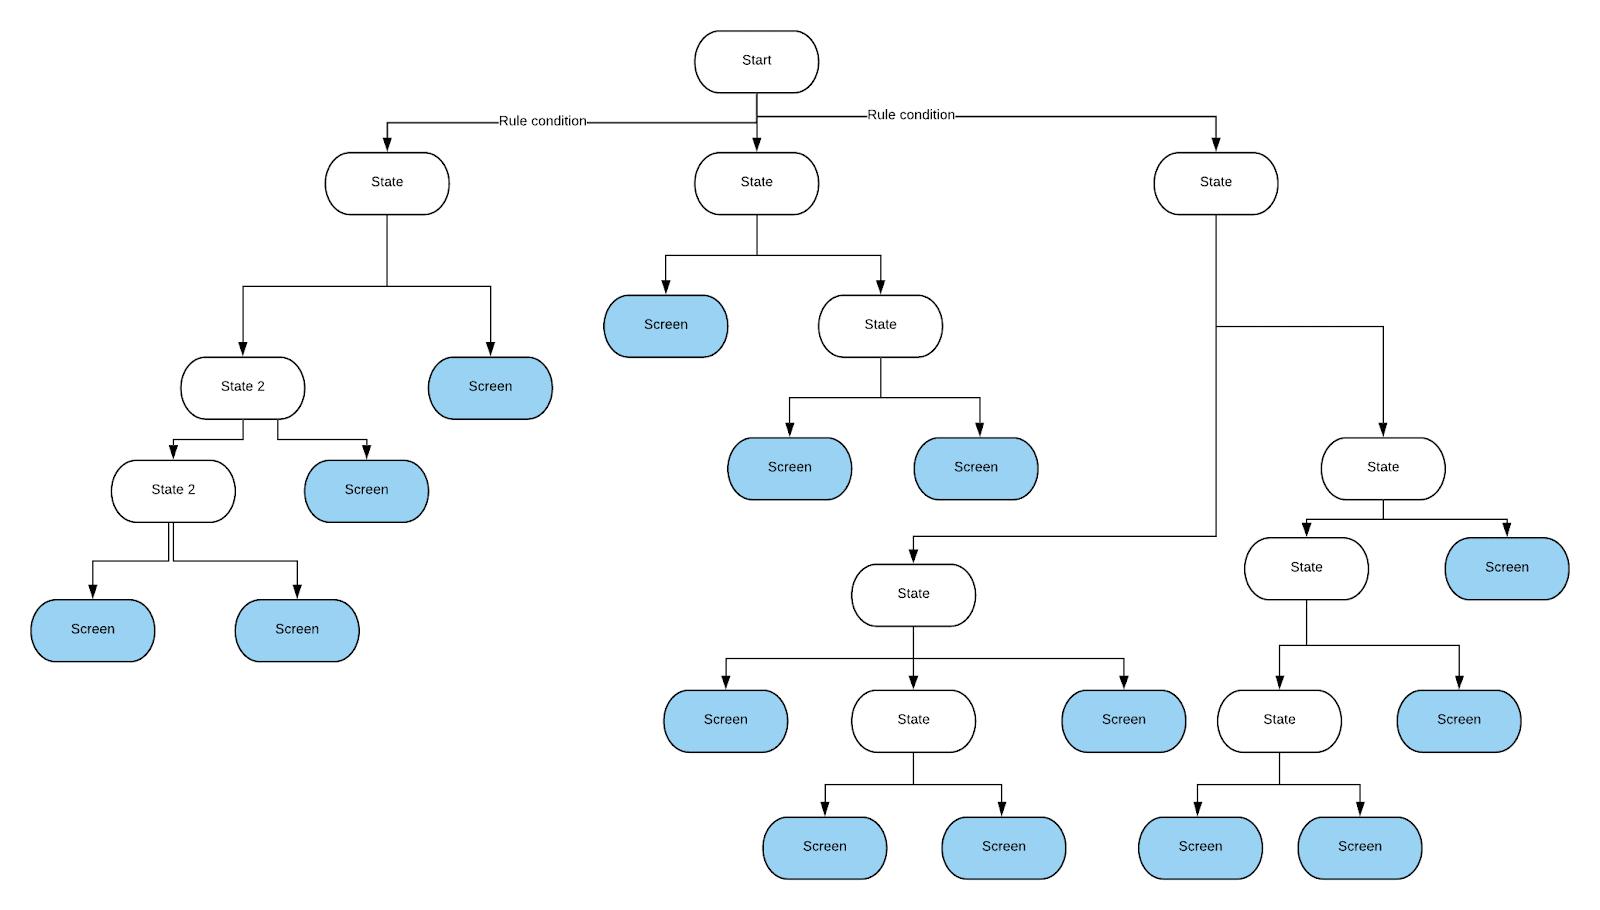 Структуры данных и алгоритмы, которыми я пользовался, работая в технологических компаниях - 3